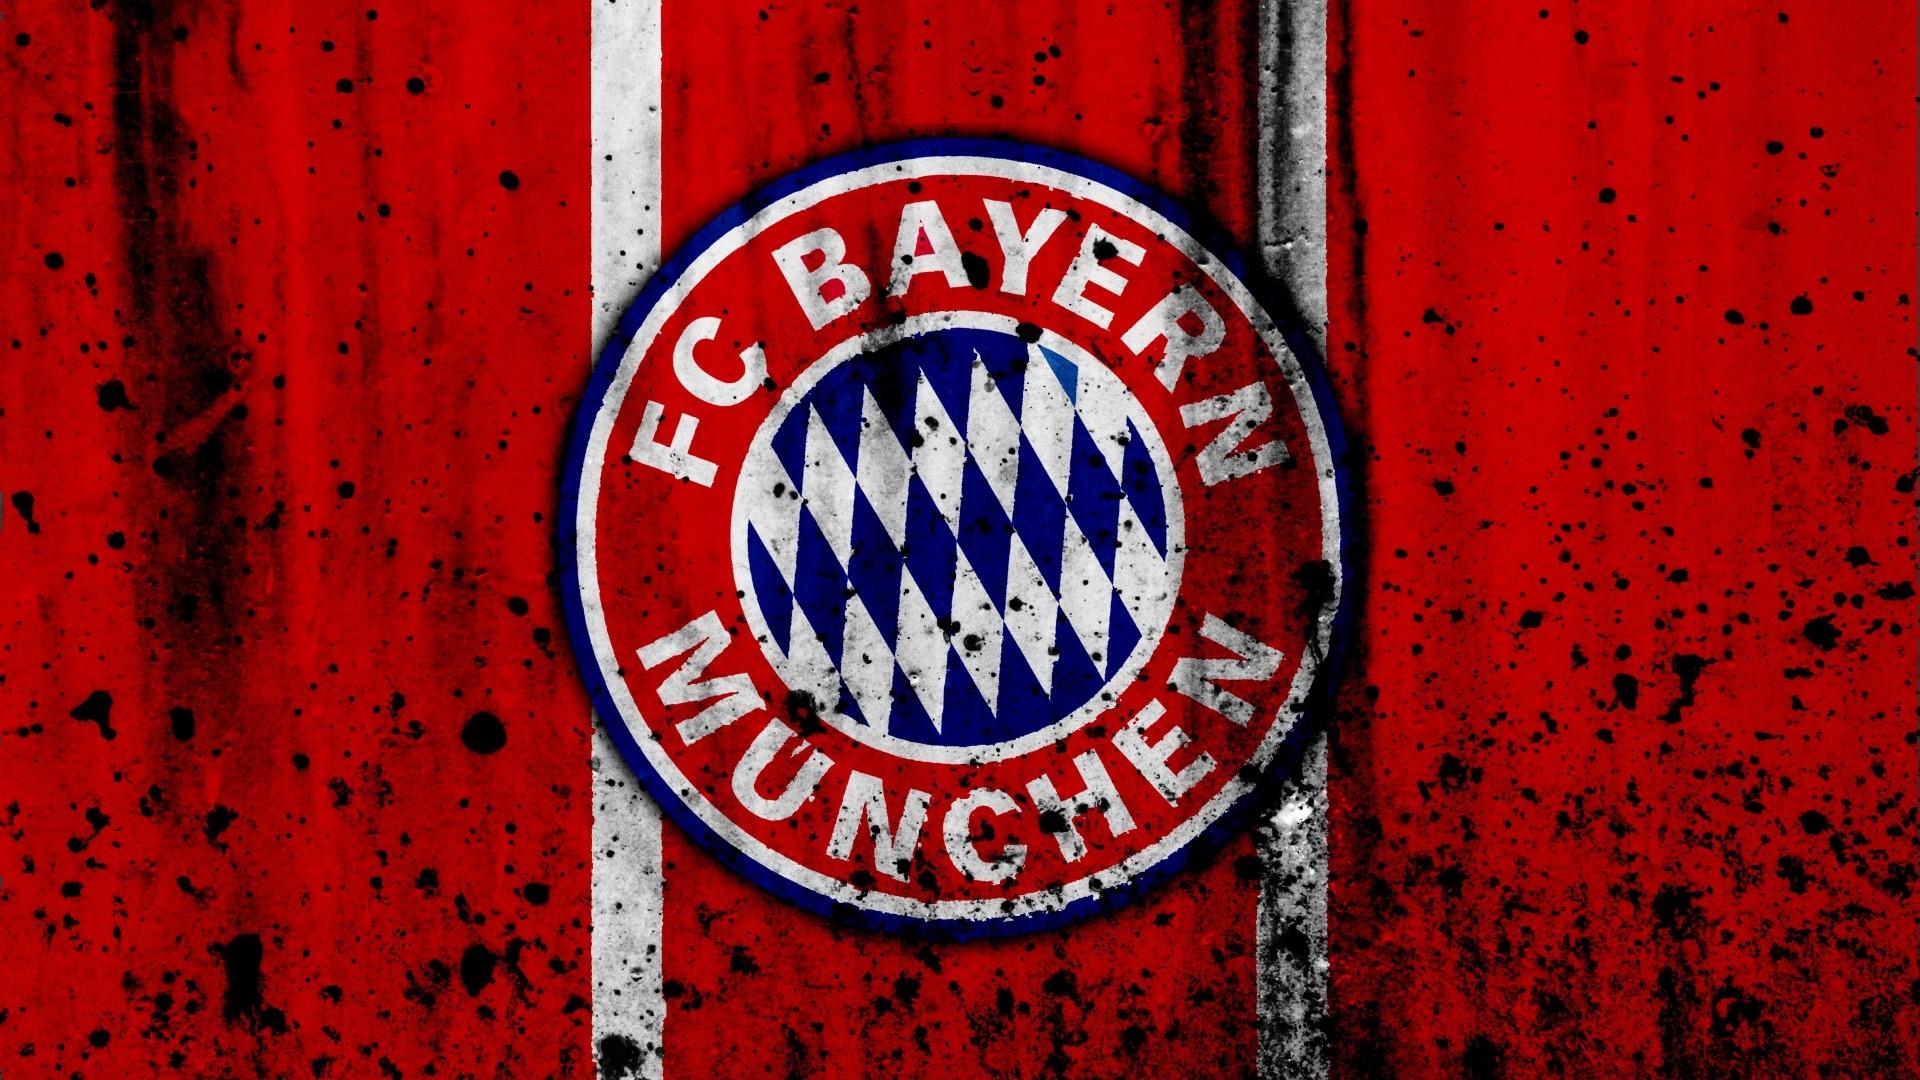 Bayern Munich wallpaper image